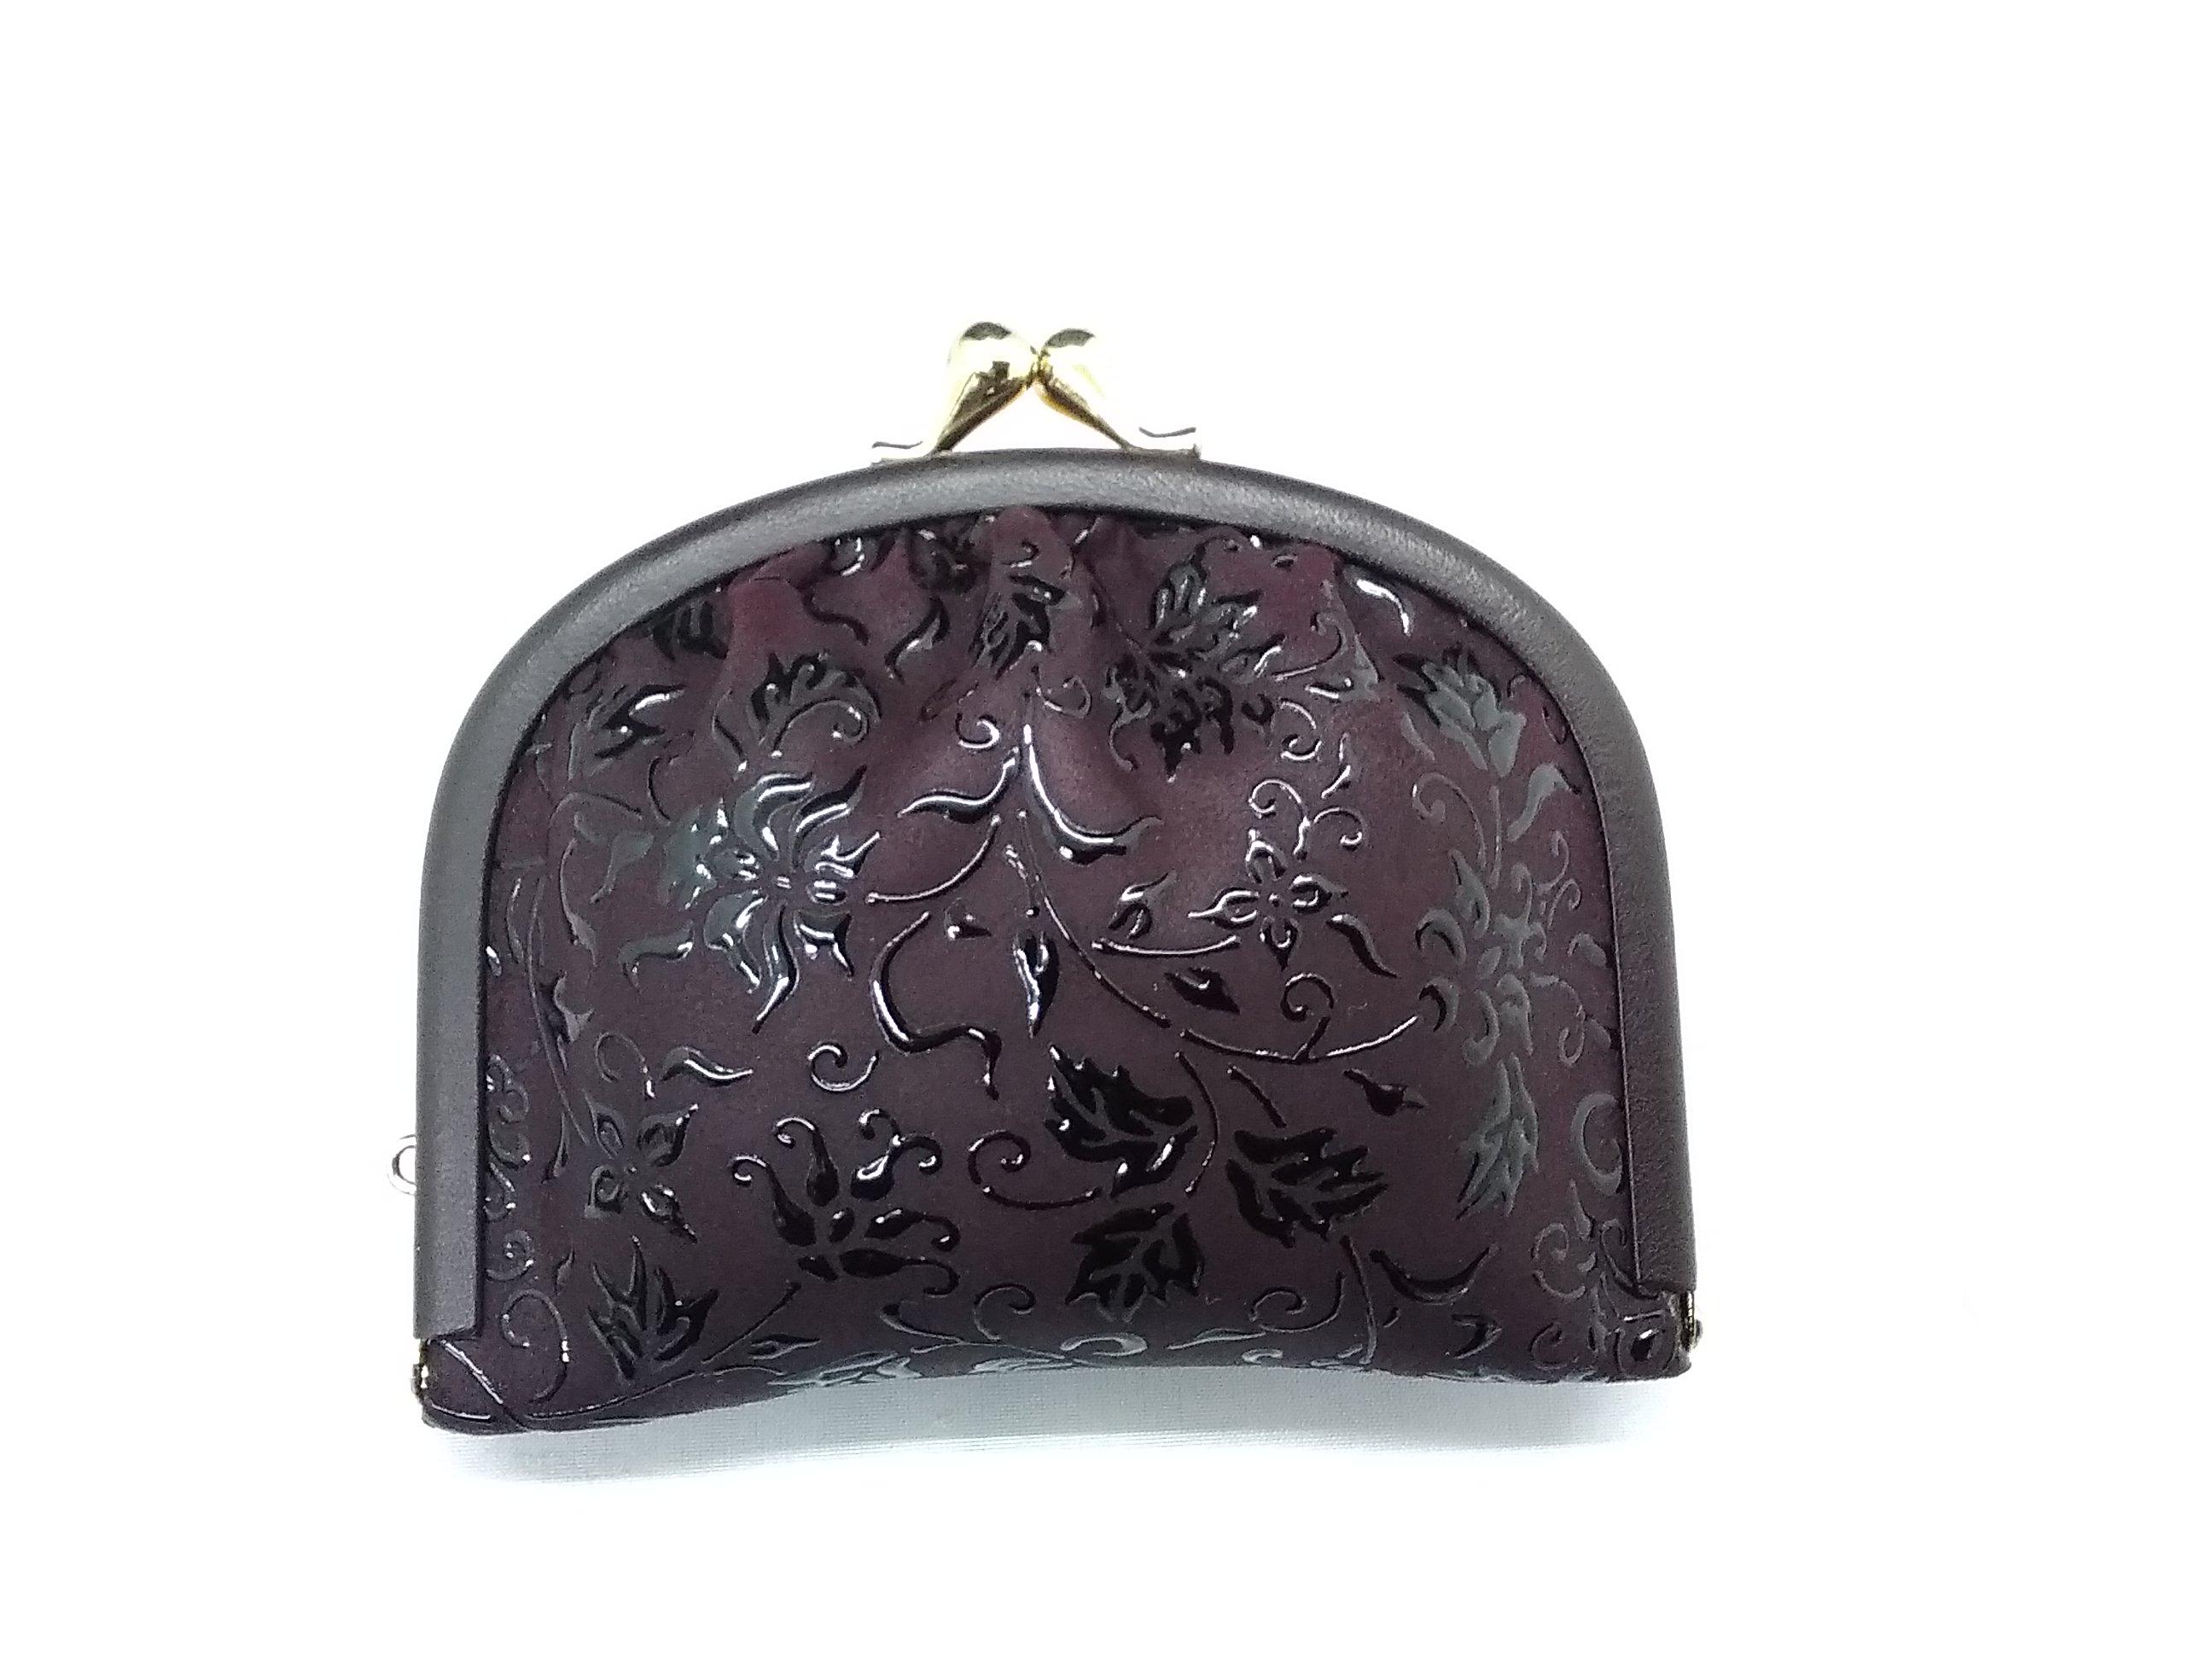 がま口財布|印傳屋